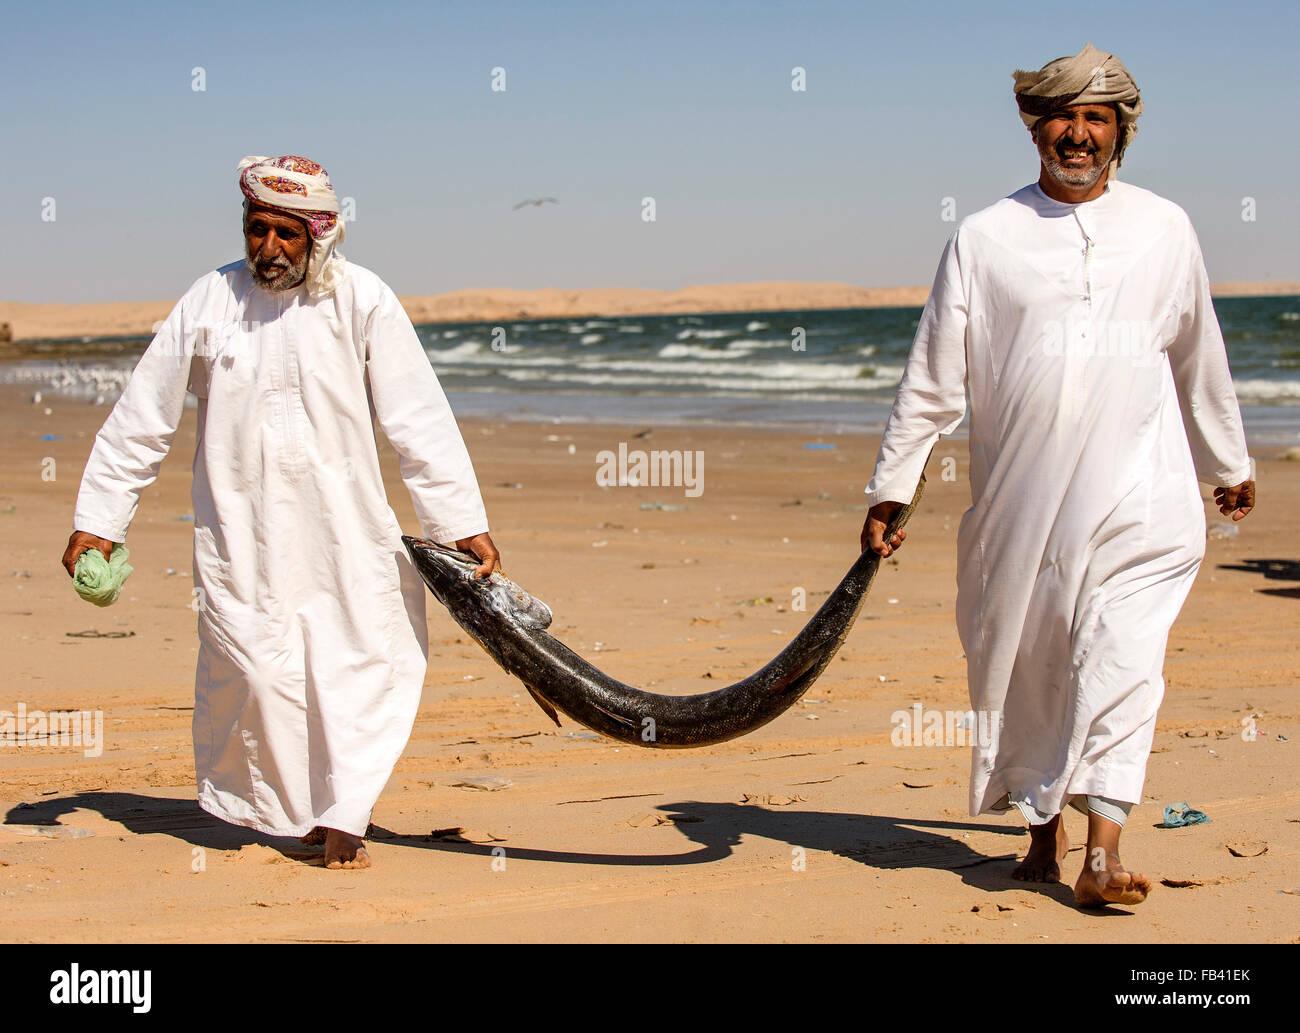 Los pescadores y barracuda, Omán Imagen De Stock